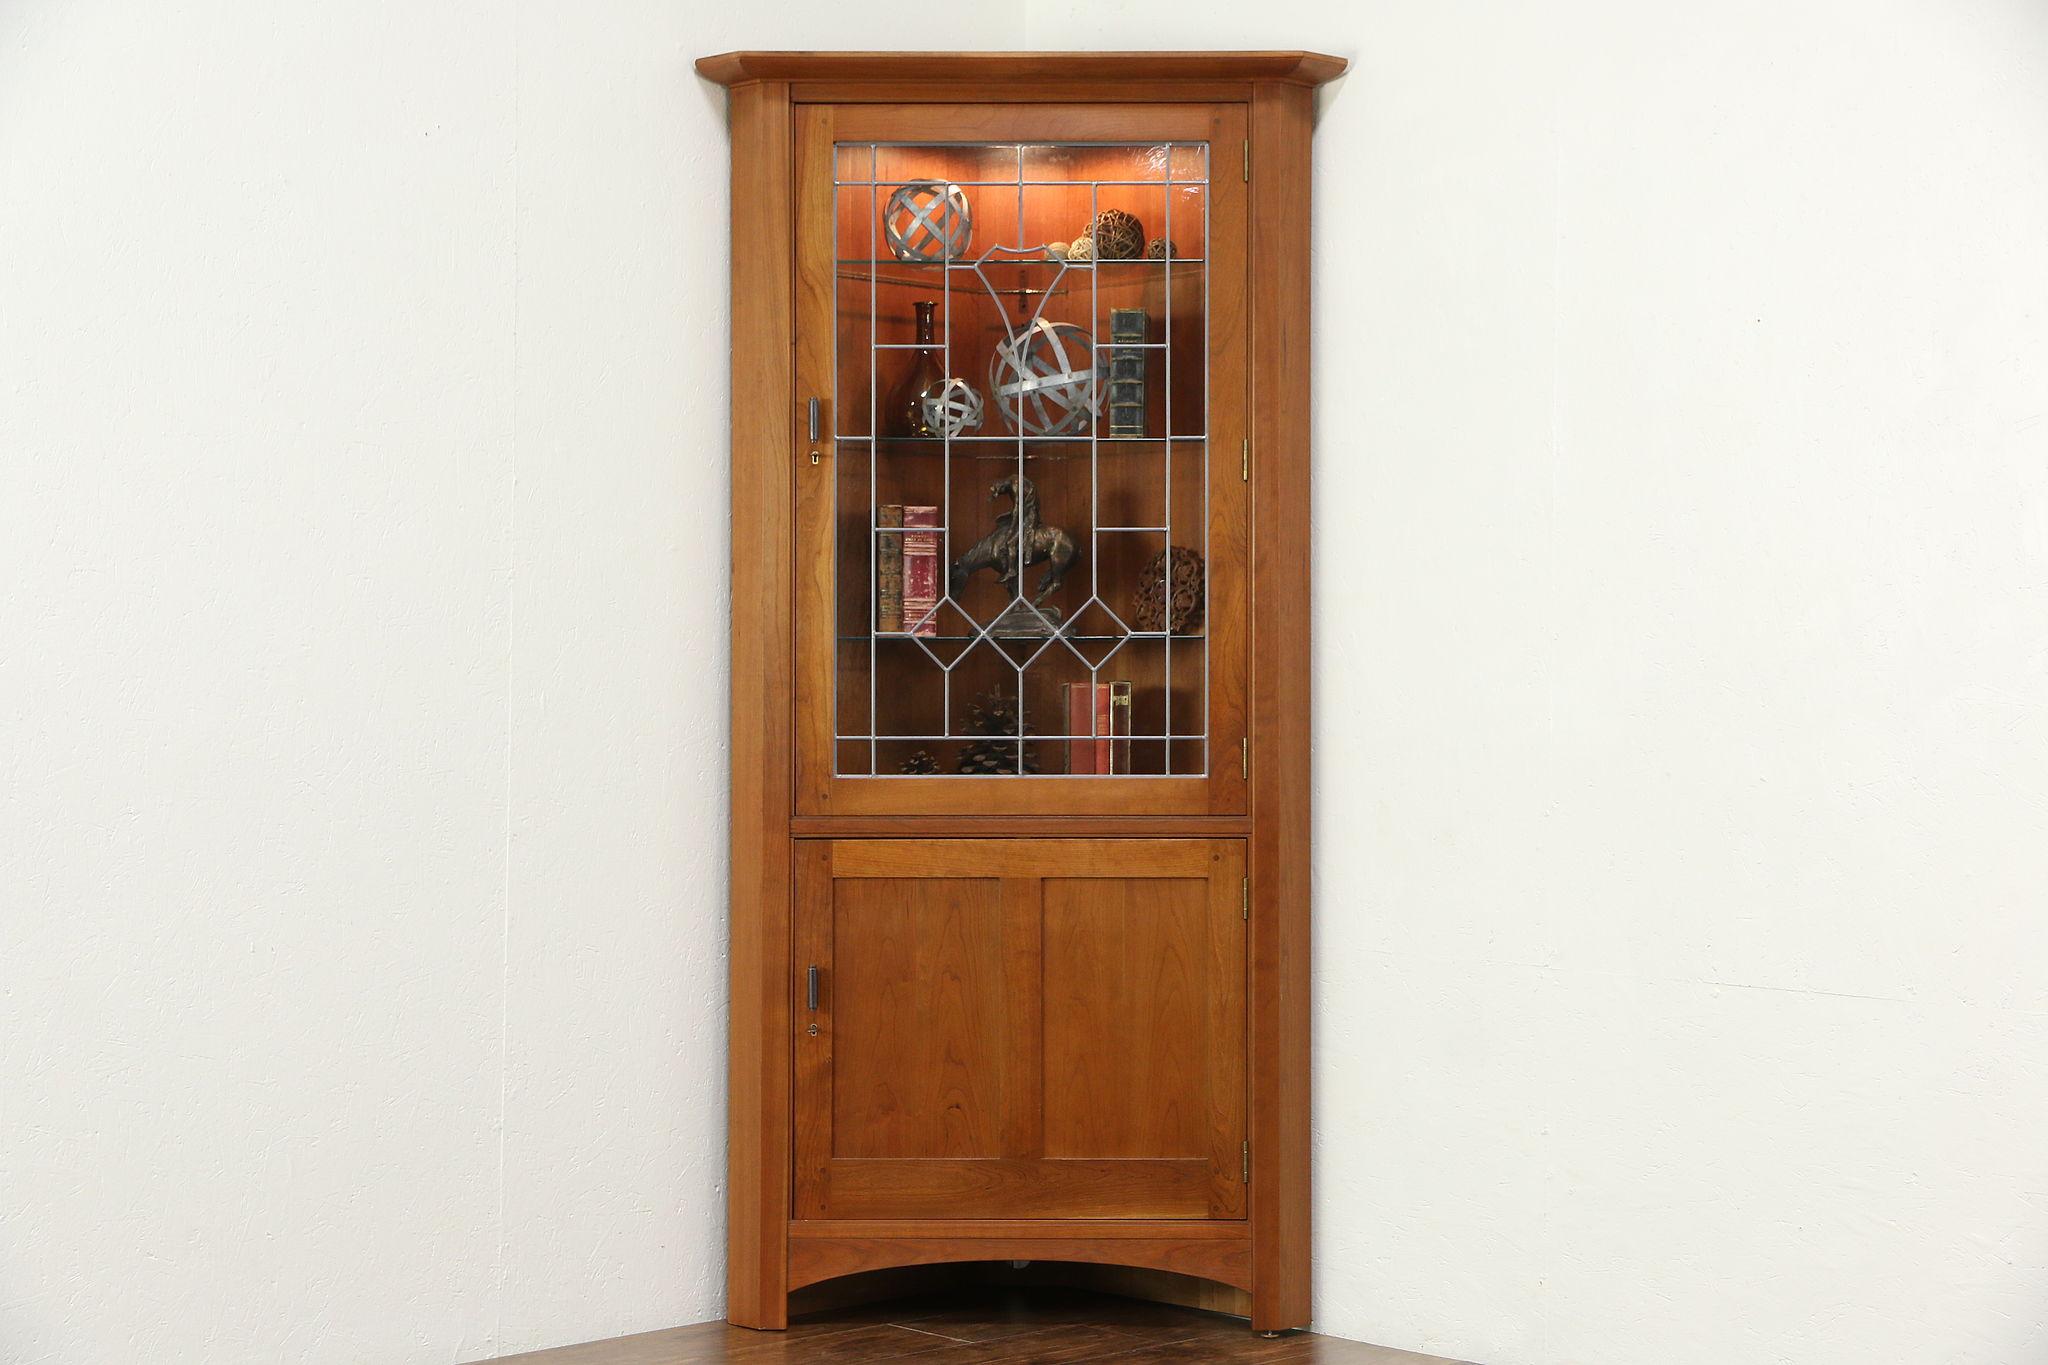 Sold Cherry Corner Cupboard Leaded Glass Door Signed Stickley